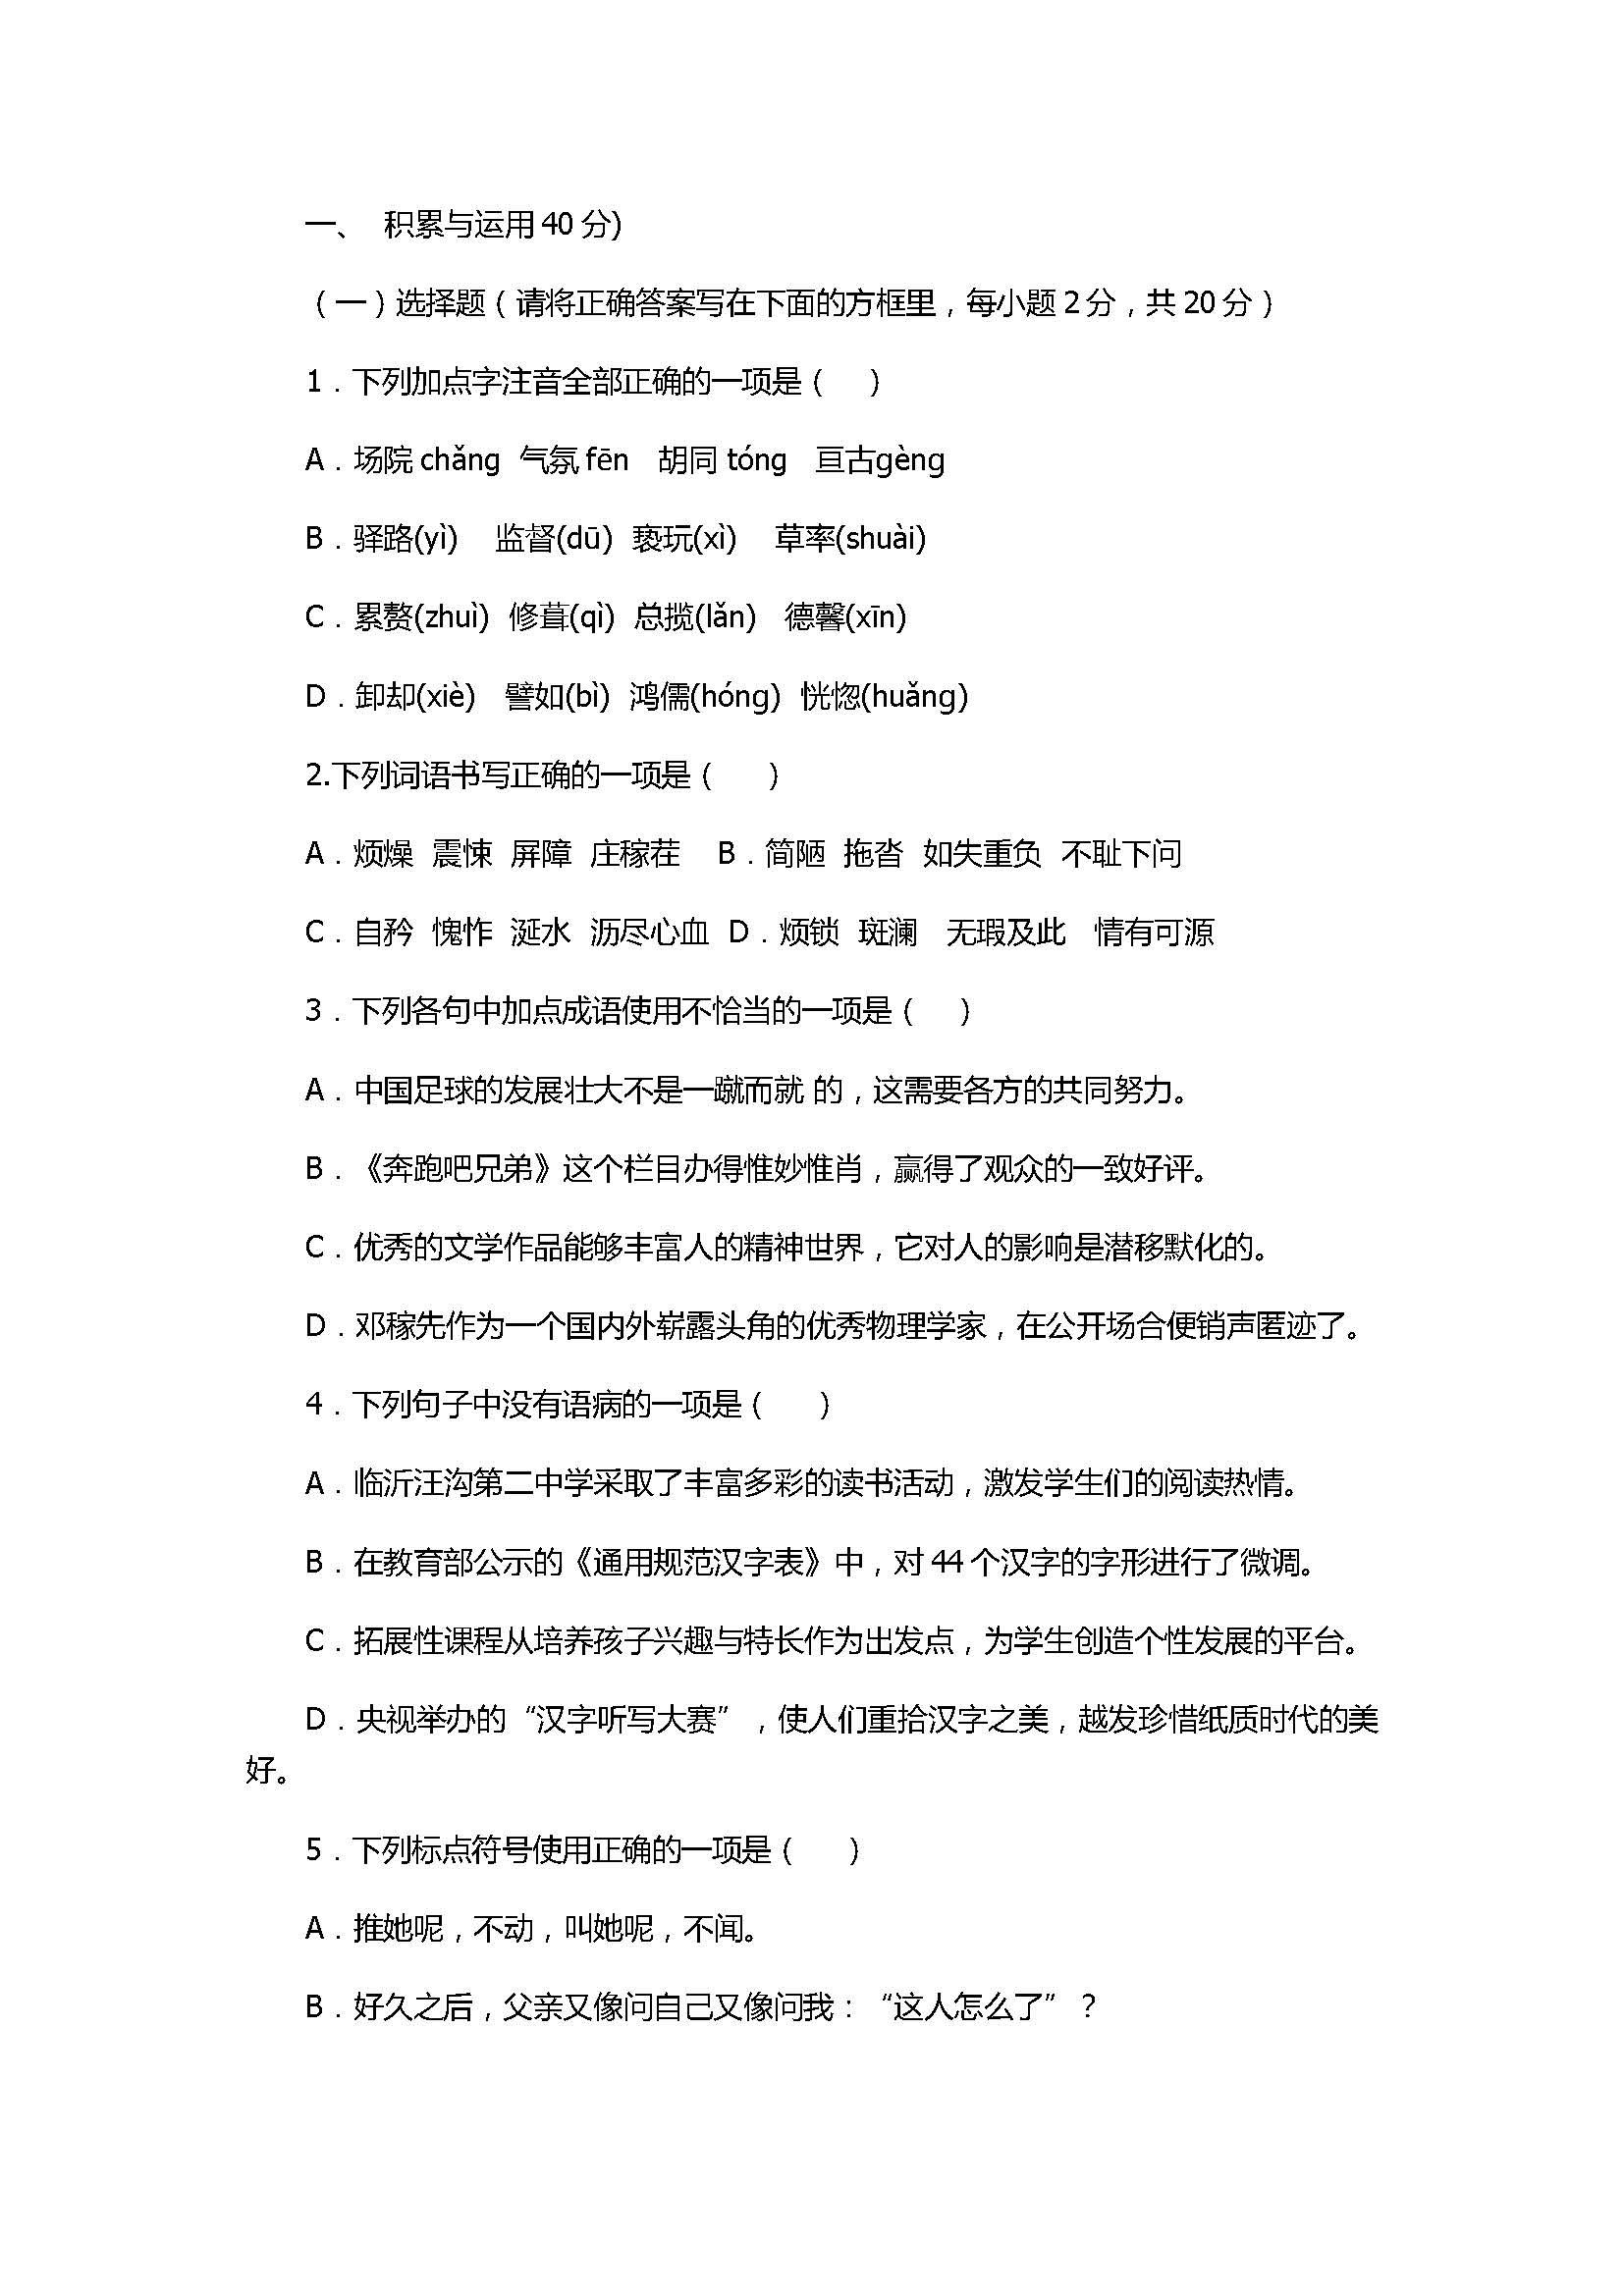 人教版2017七年级语文下册期末试卷含答案(广安实验中学)